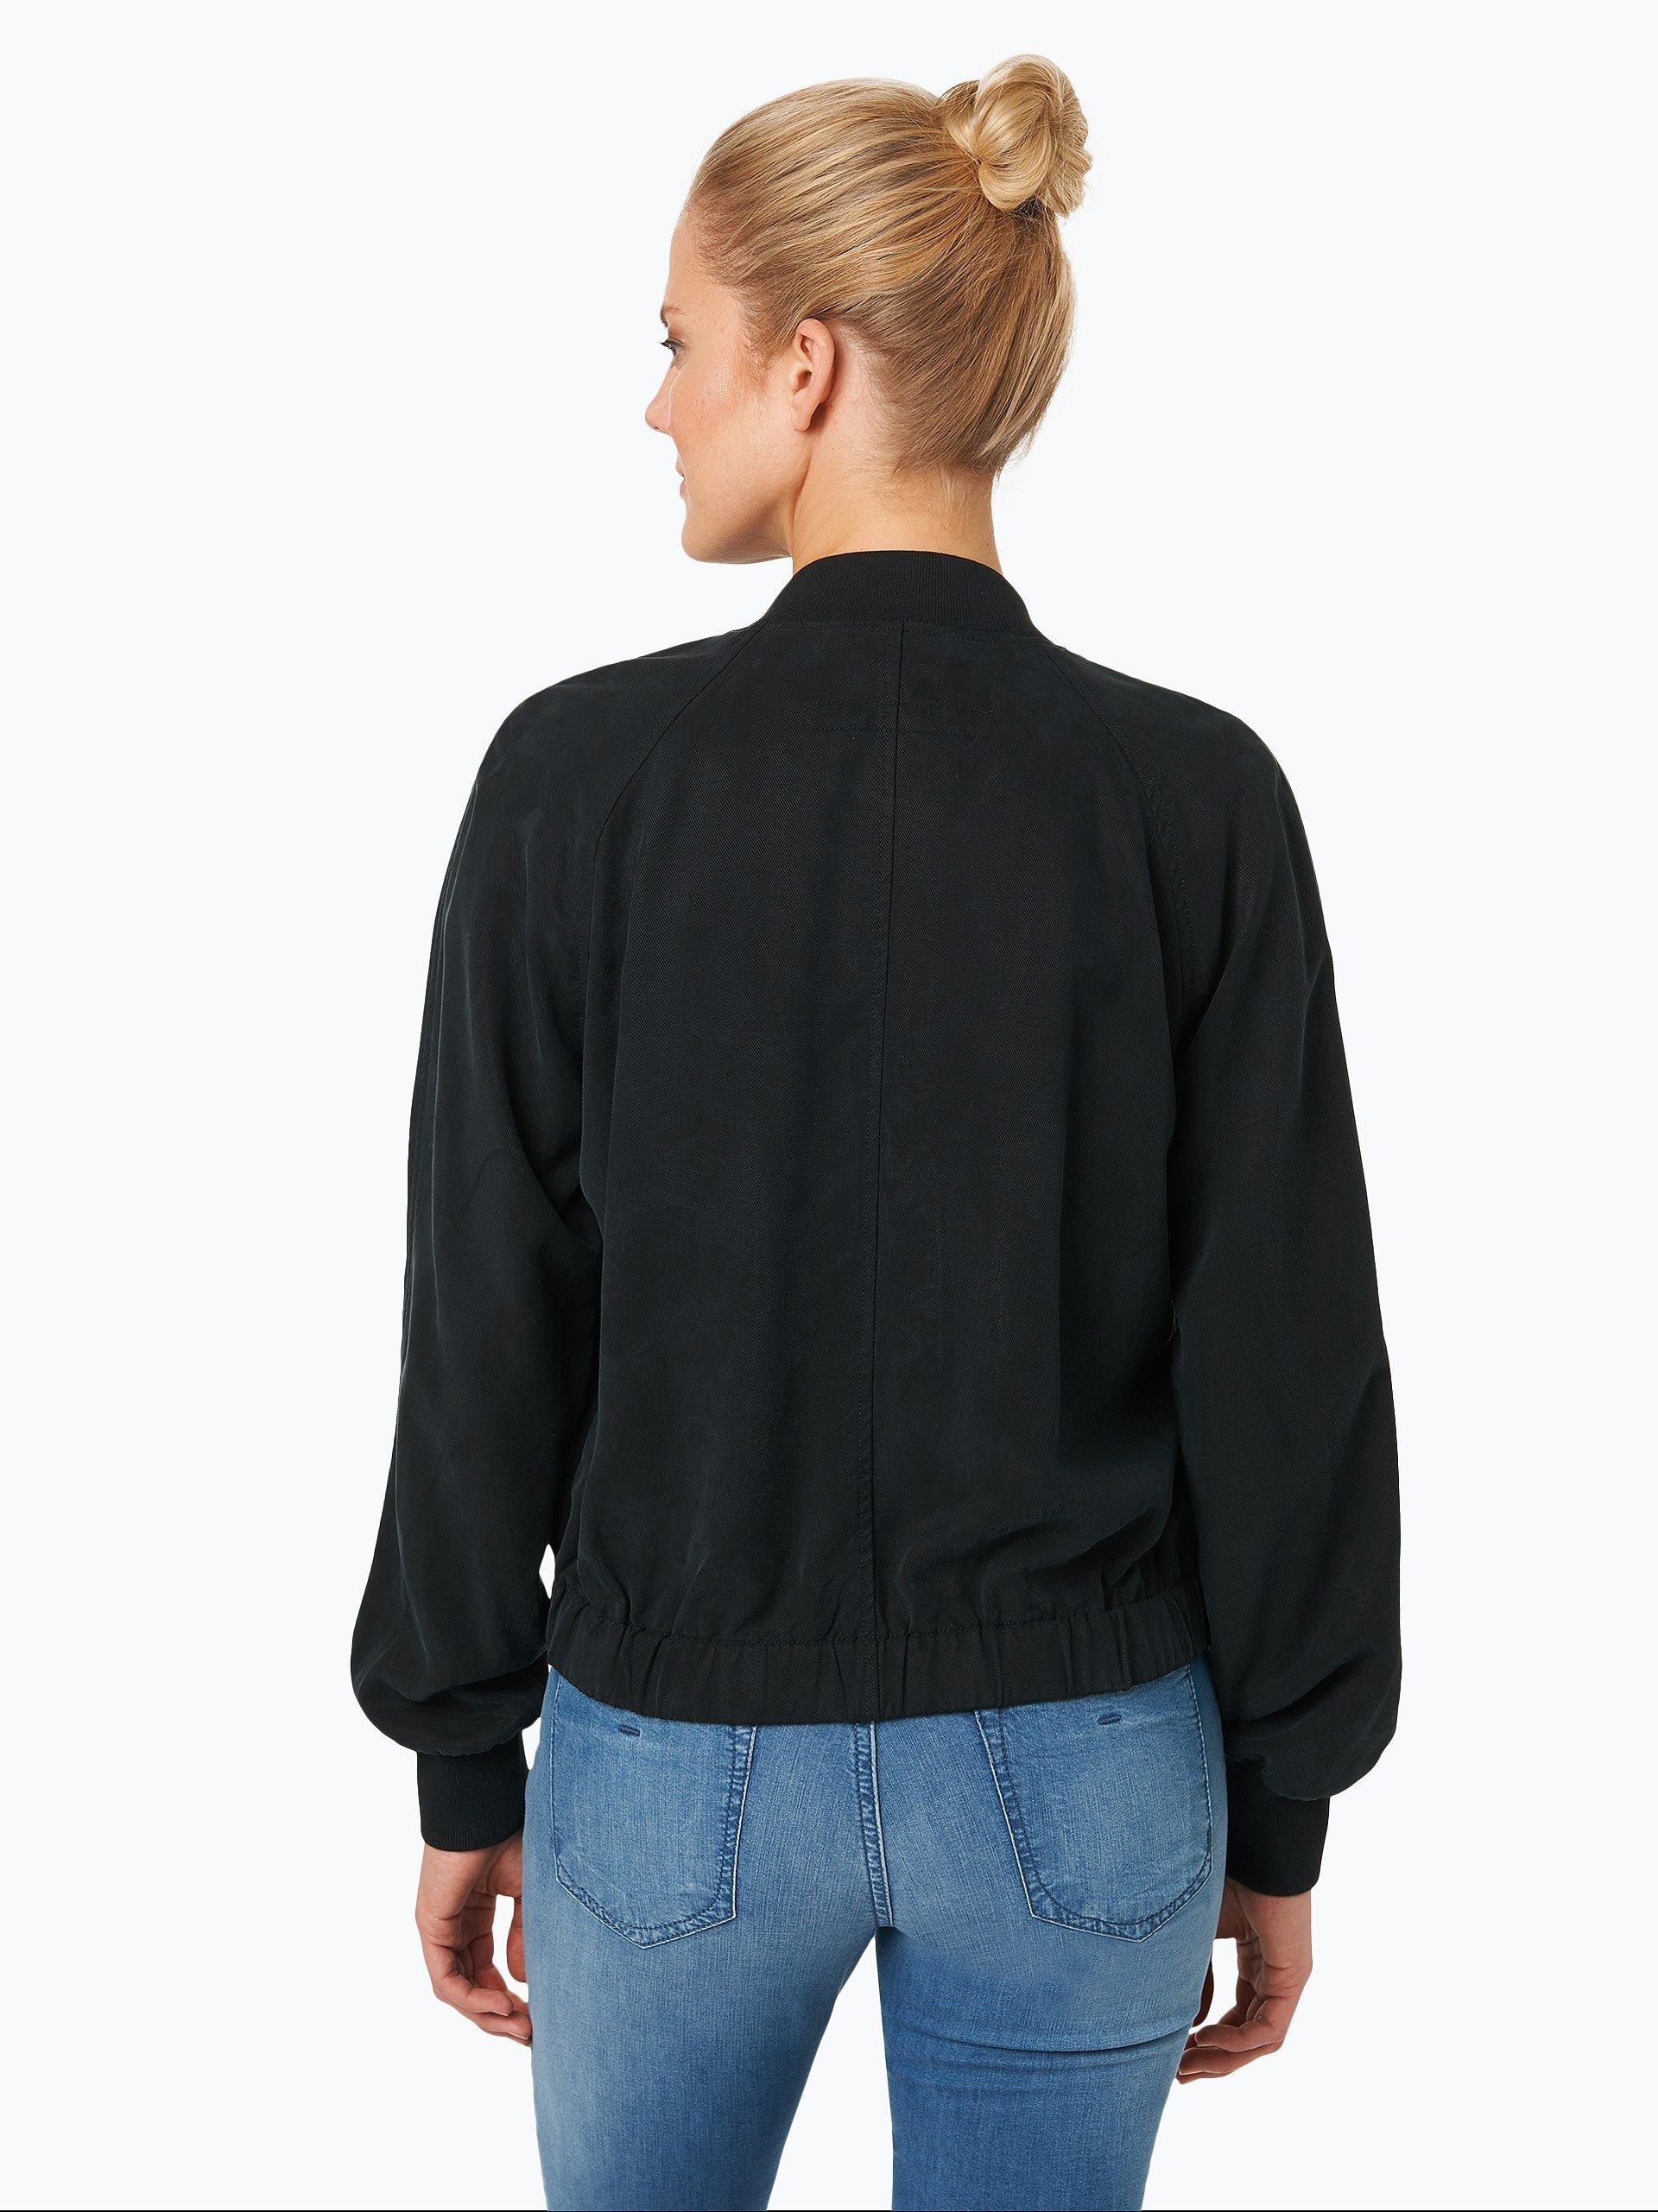 marc o 39 polo damen jacke schwarz uni online kaufen vangraaf com. Black Bedroom Furniture Sets. Home Design Ideas